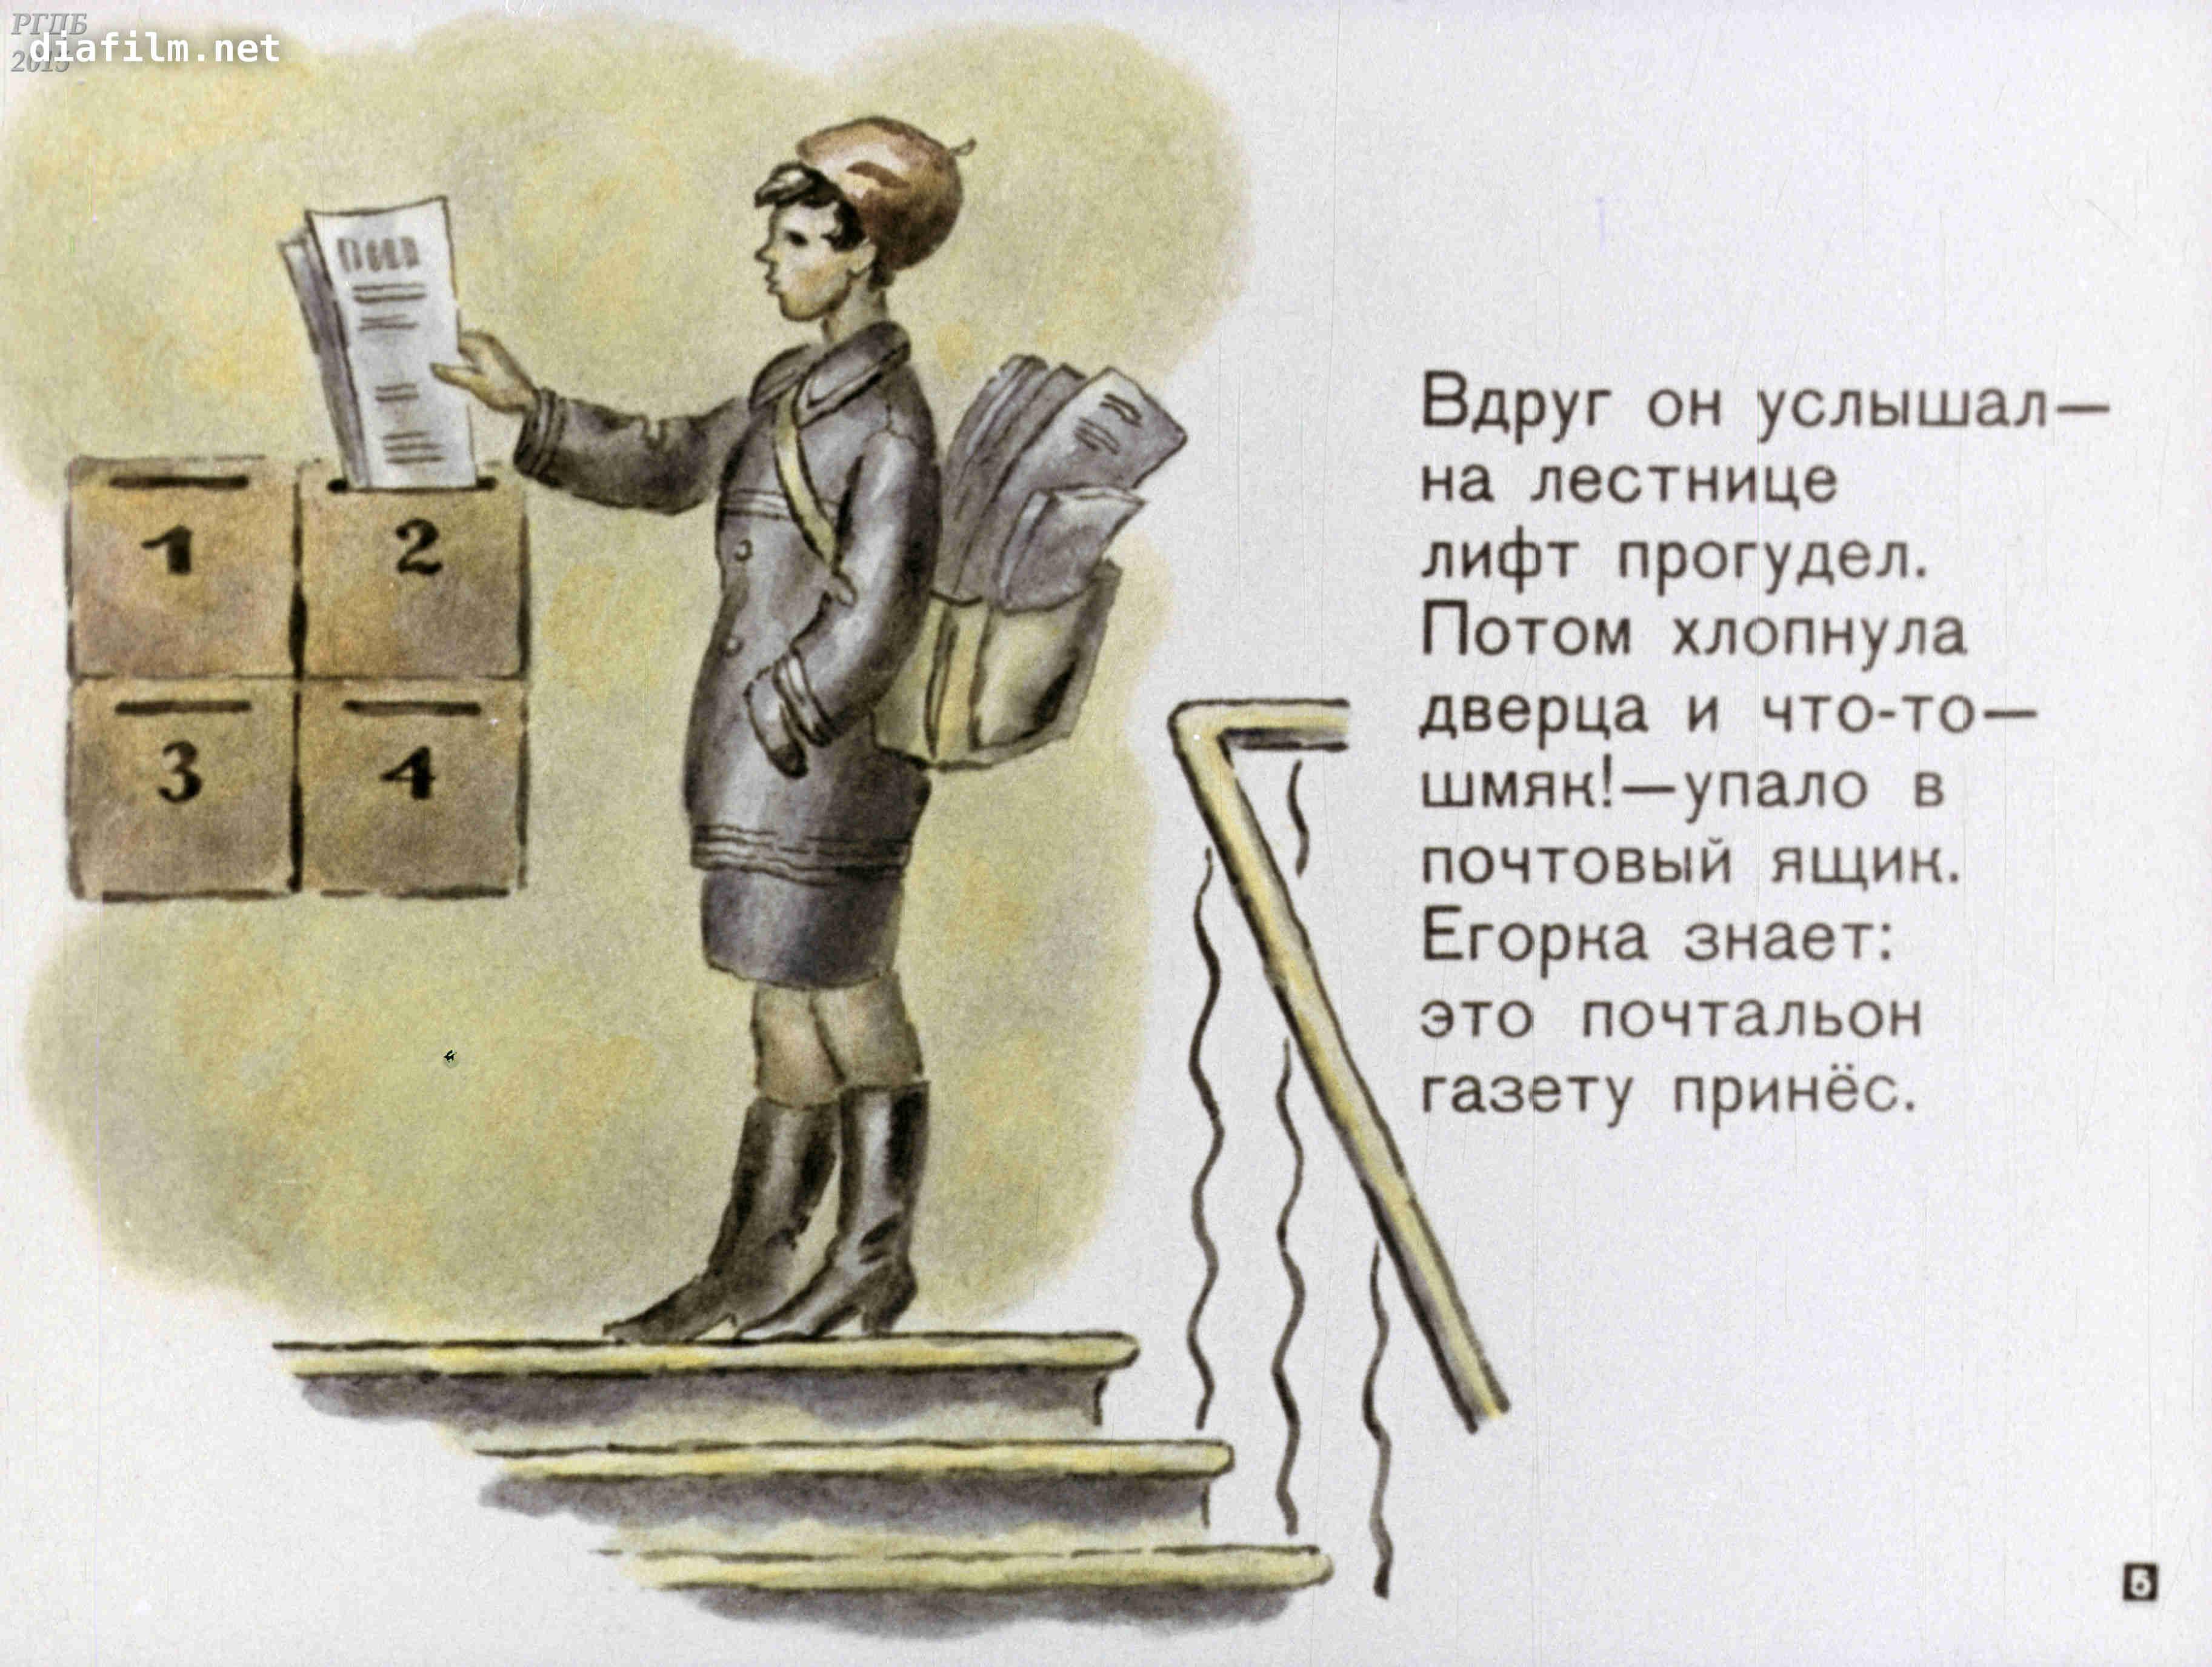 послания почтальон с газетой картинки листва также ворсинками